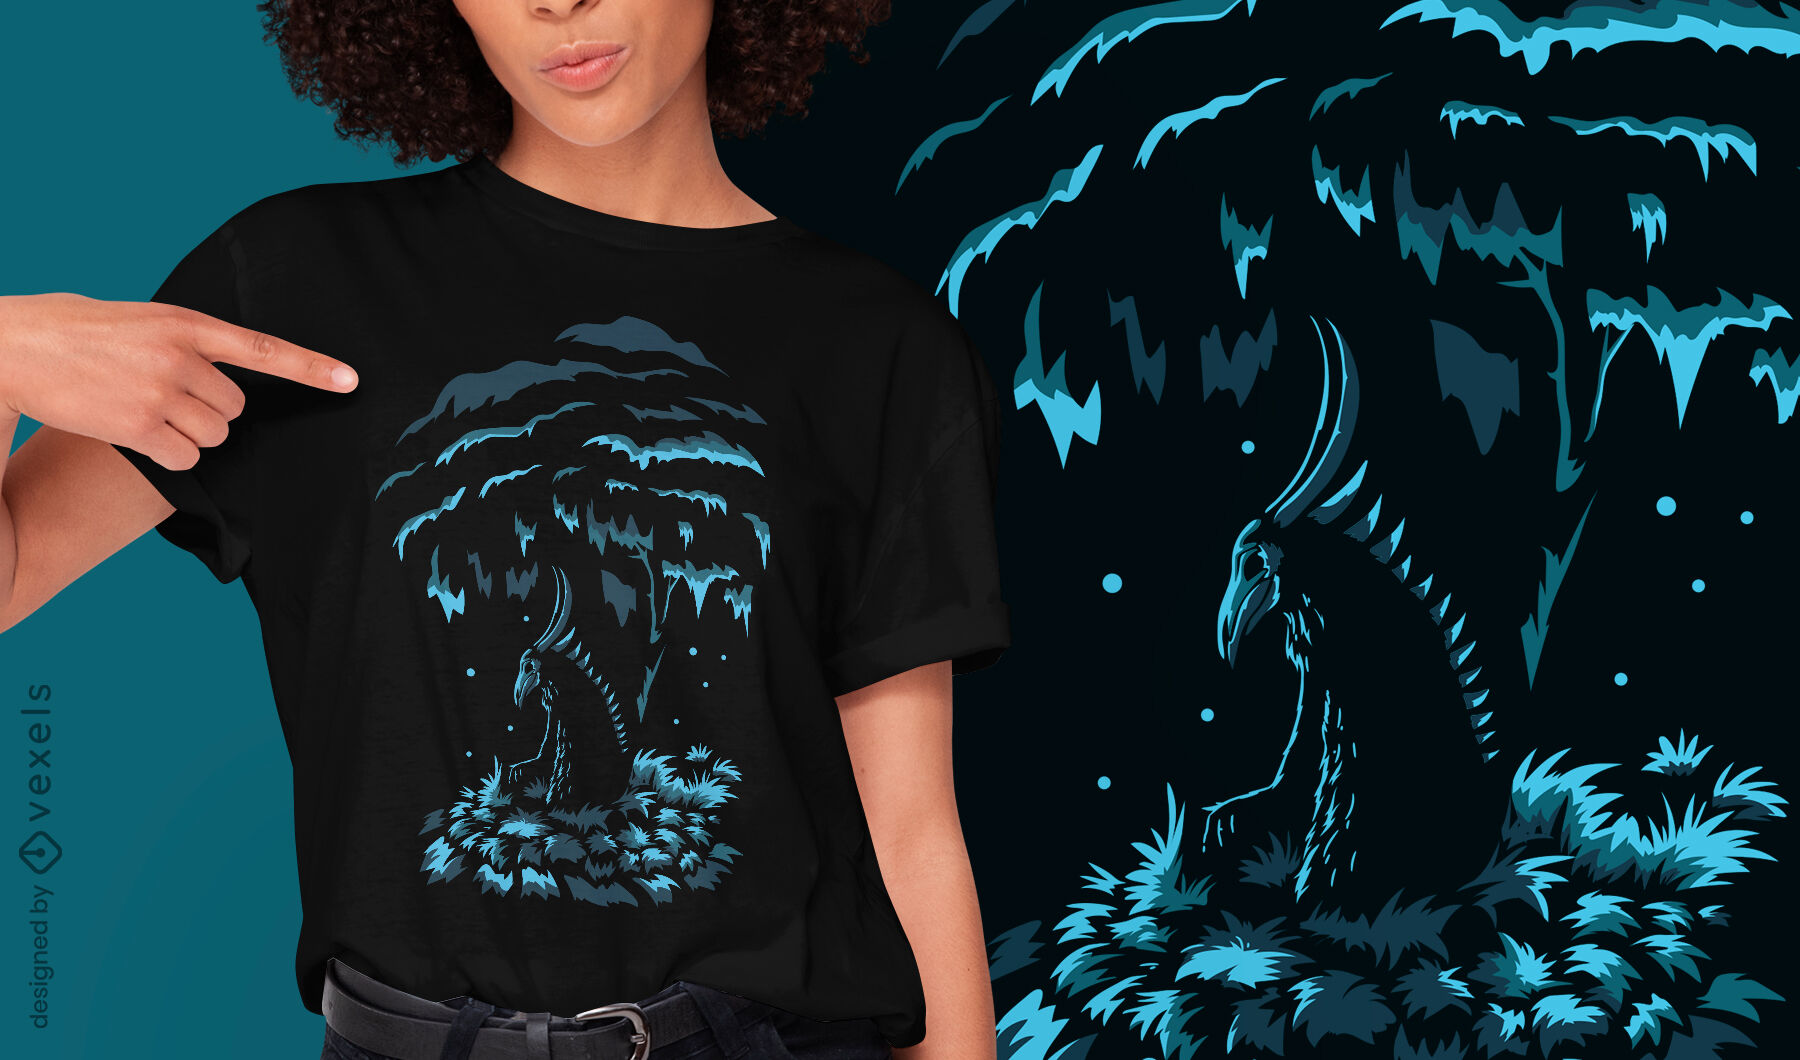 Diseño de camiseta de cuernos de demonio de criatura oscura.